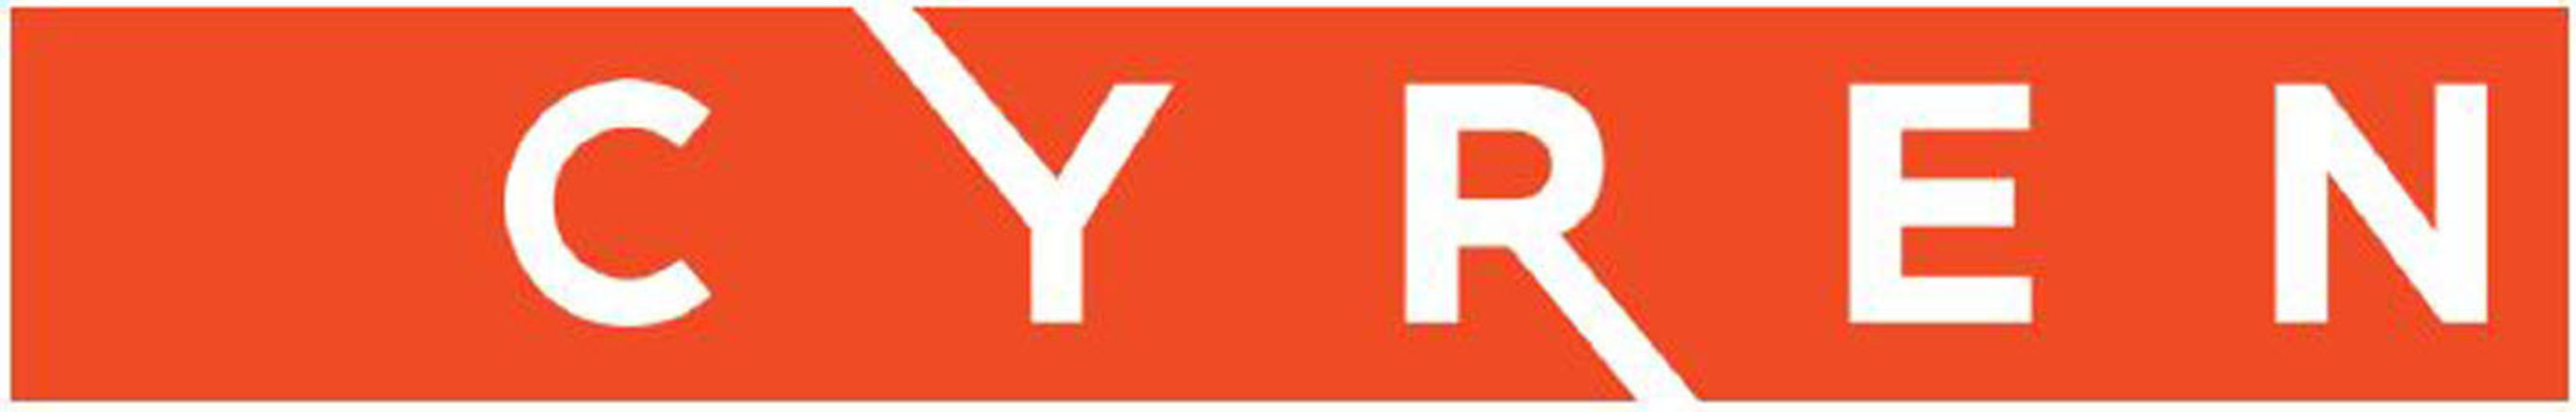 CYREN Logo. (PRNewsFoto/CYREN)